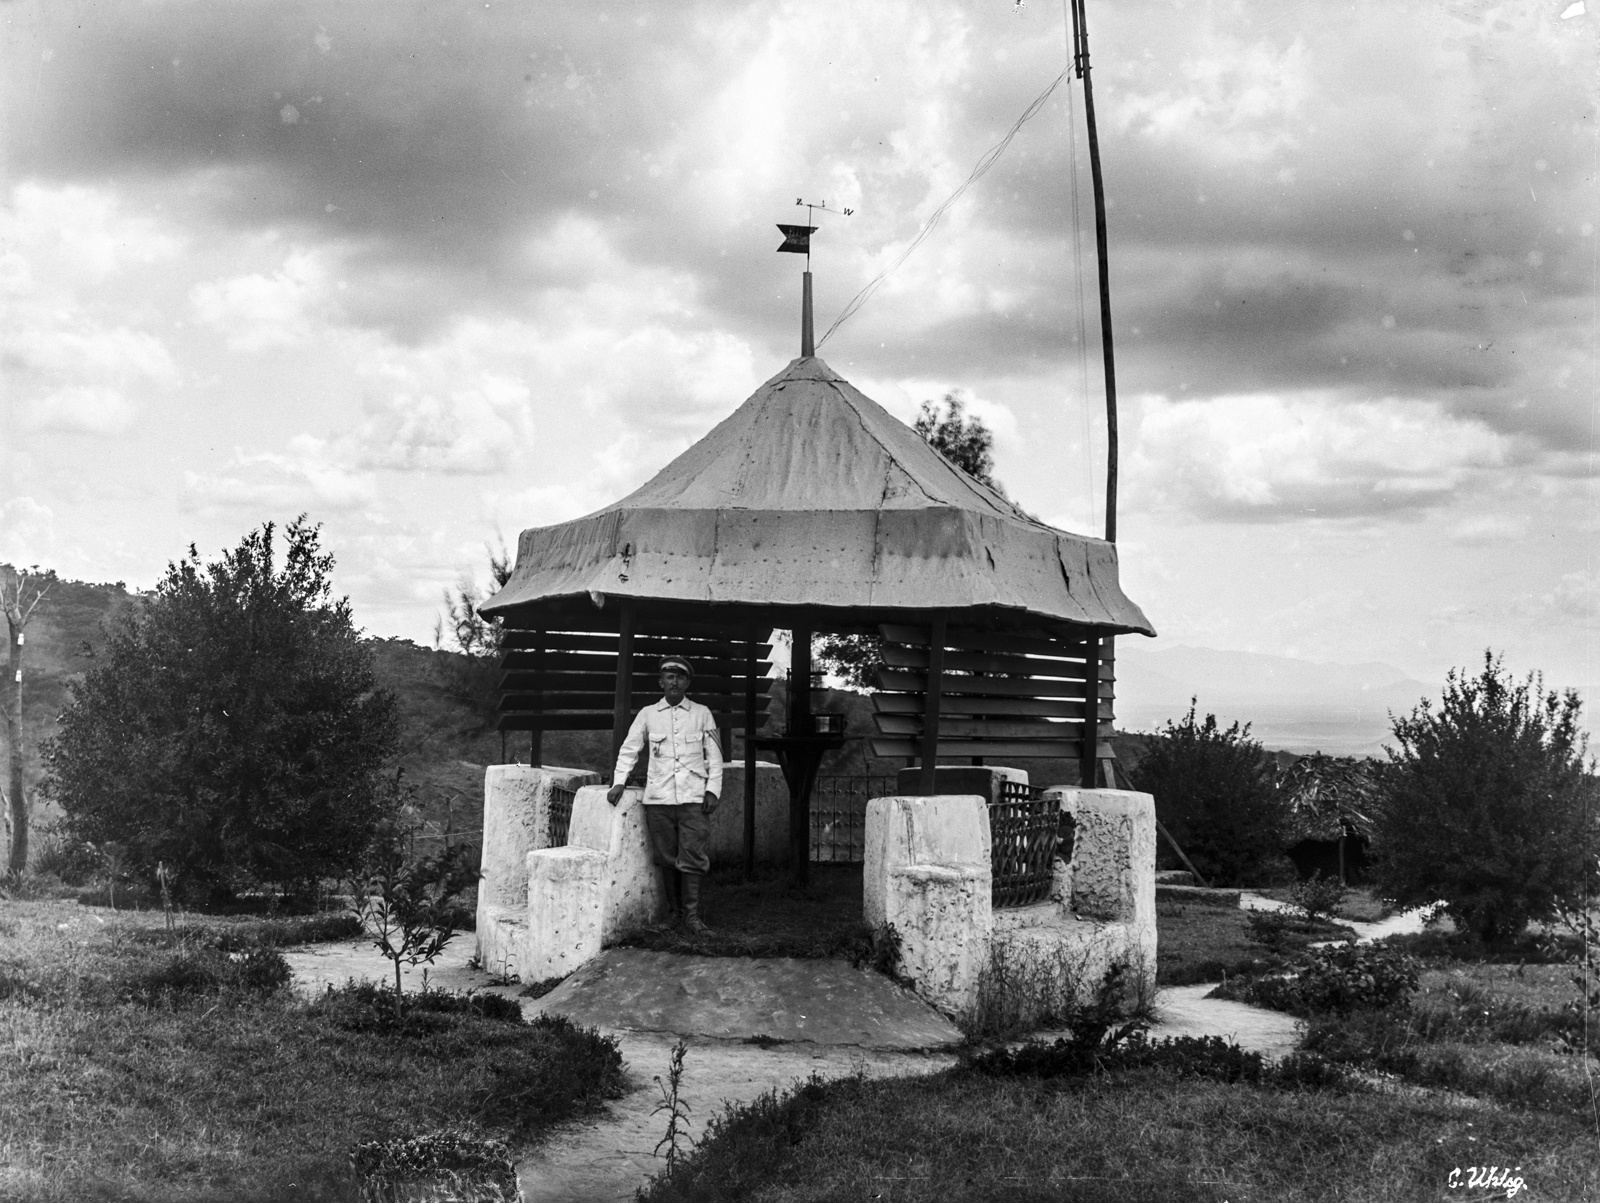 172. Человек возле метеорологической станцией в Моши на горе Килиманджаро